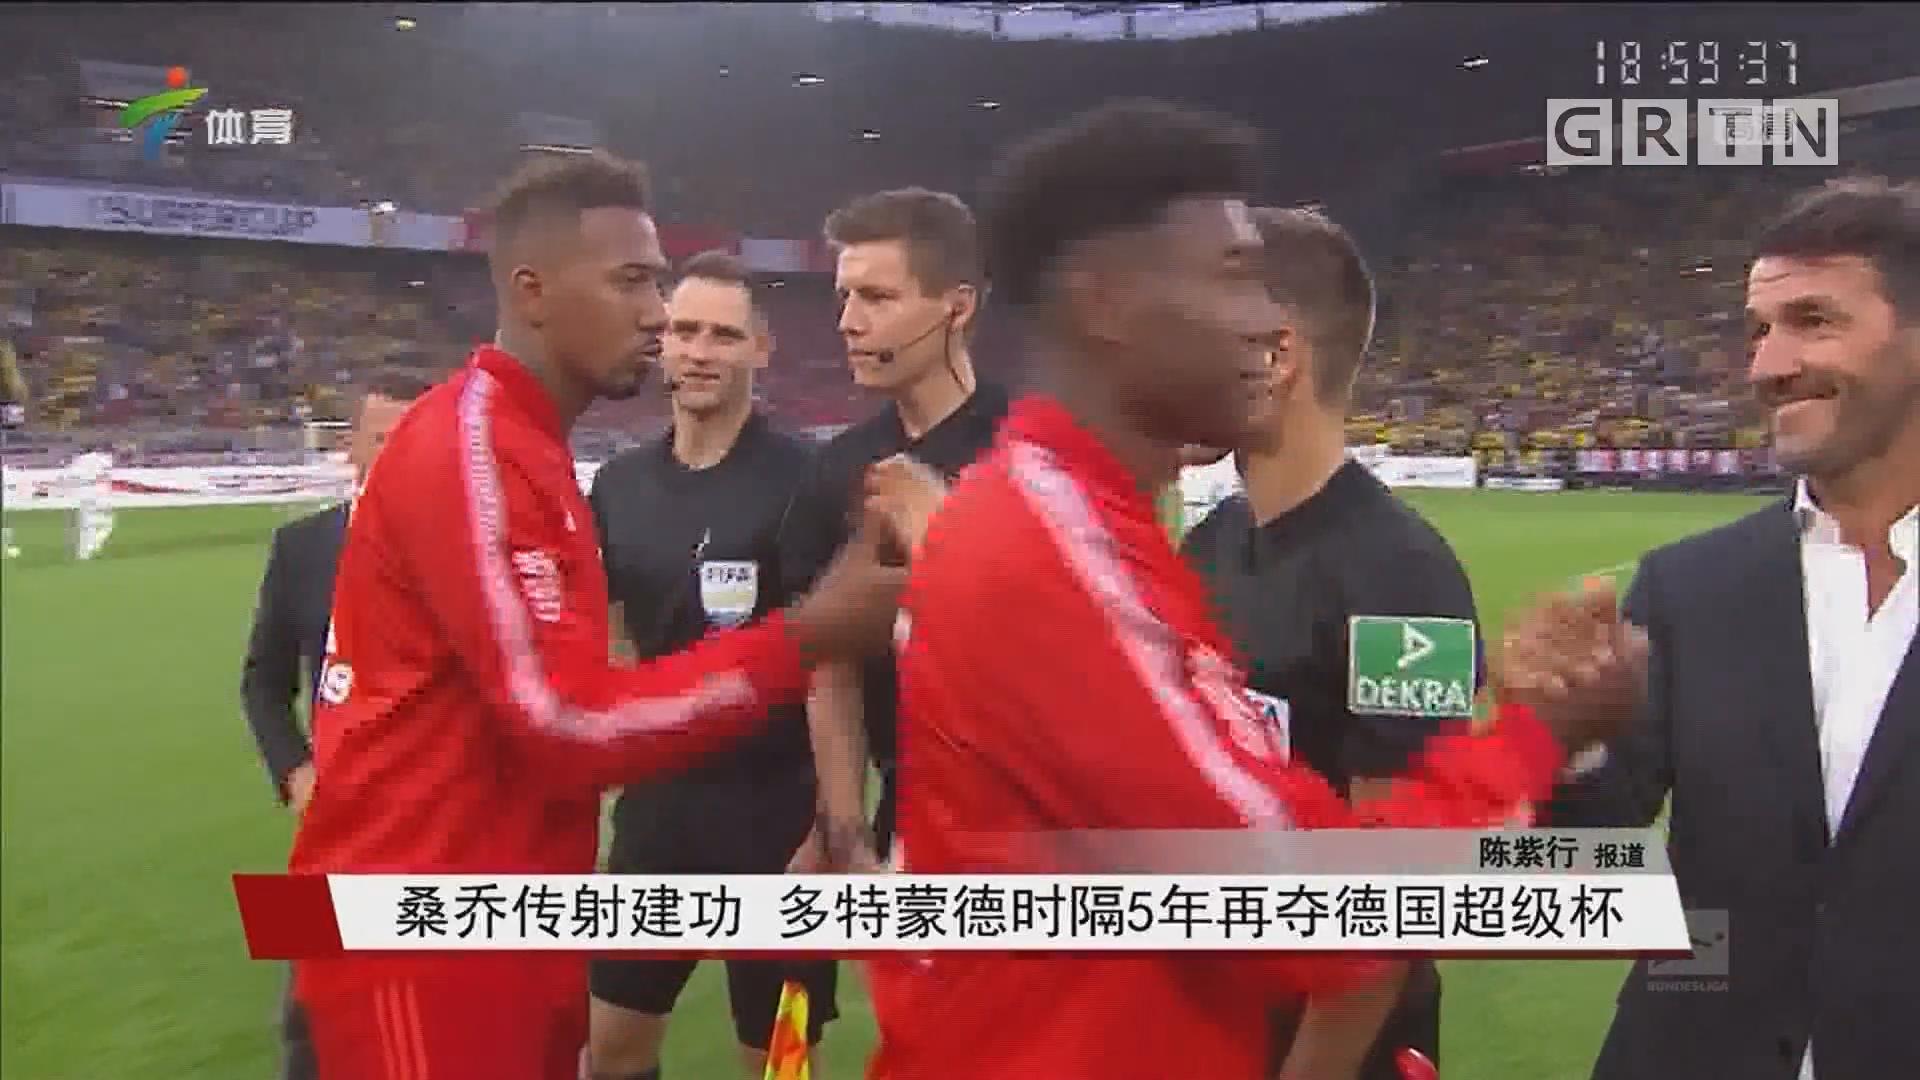 桑乔传射建功 多特蒙德时隔5年再夺德国超级杯